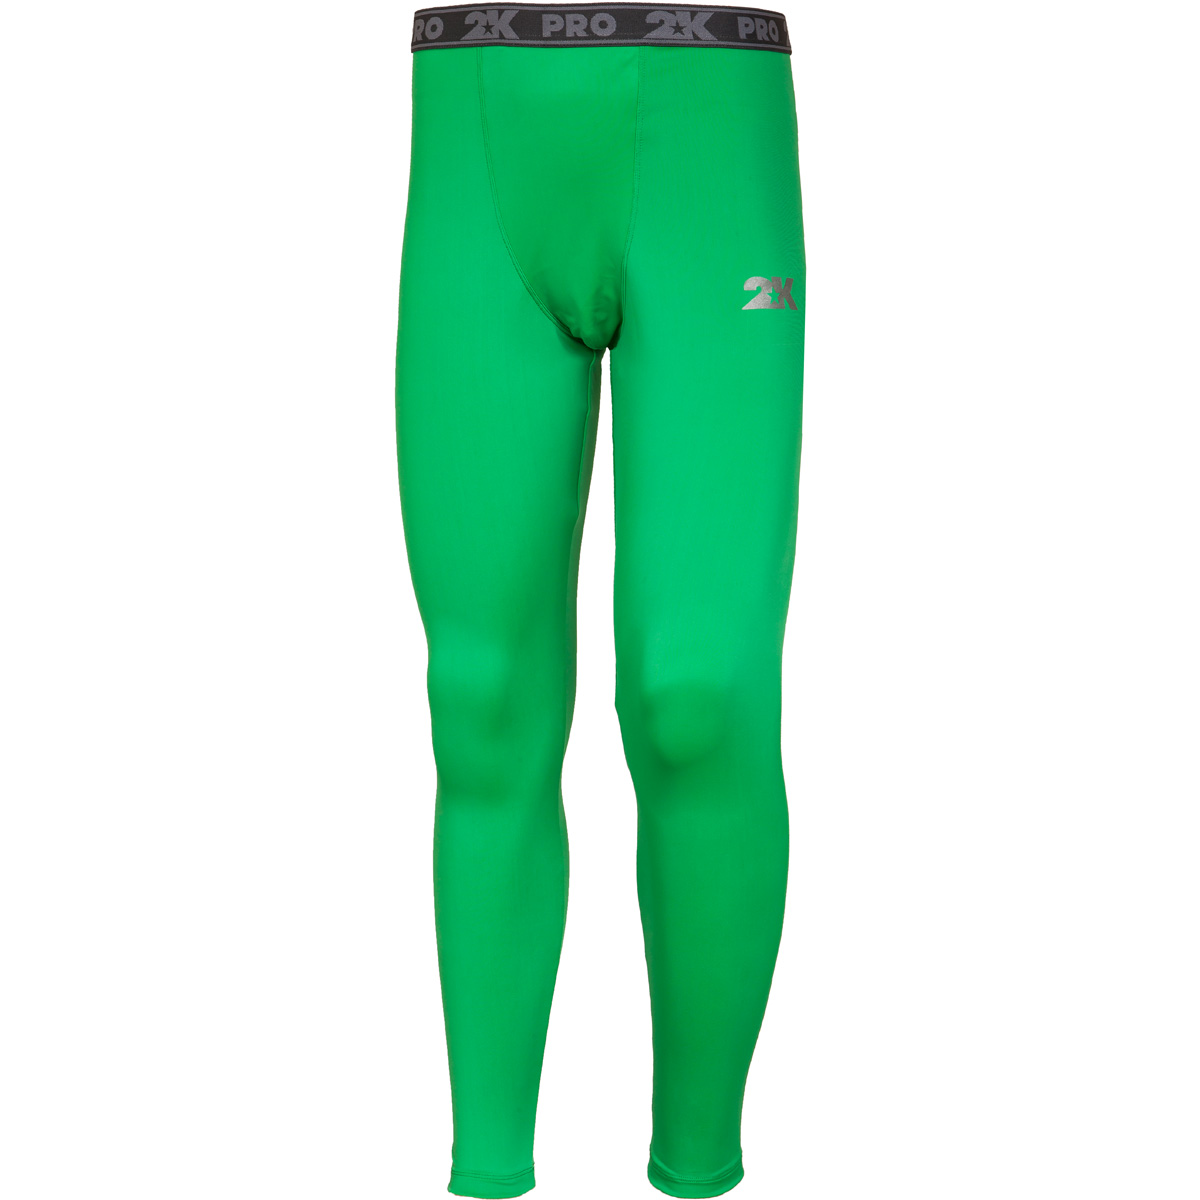 Тайтсы мужские 2K Sport Fenix, цвет: зеленый. 120905. Размер XL (52)120905_greenТайтсы анатомического покроя выполнены из высококачественного материала. Обтягивающие тайтсы дополнены широкой эластичной резинкой на талии.